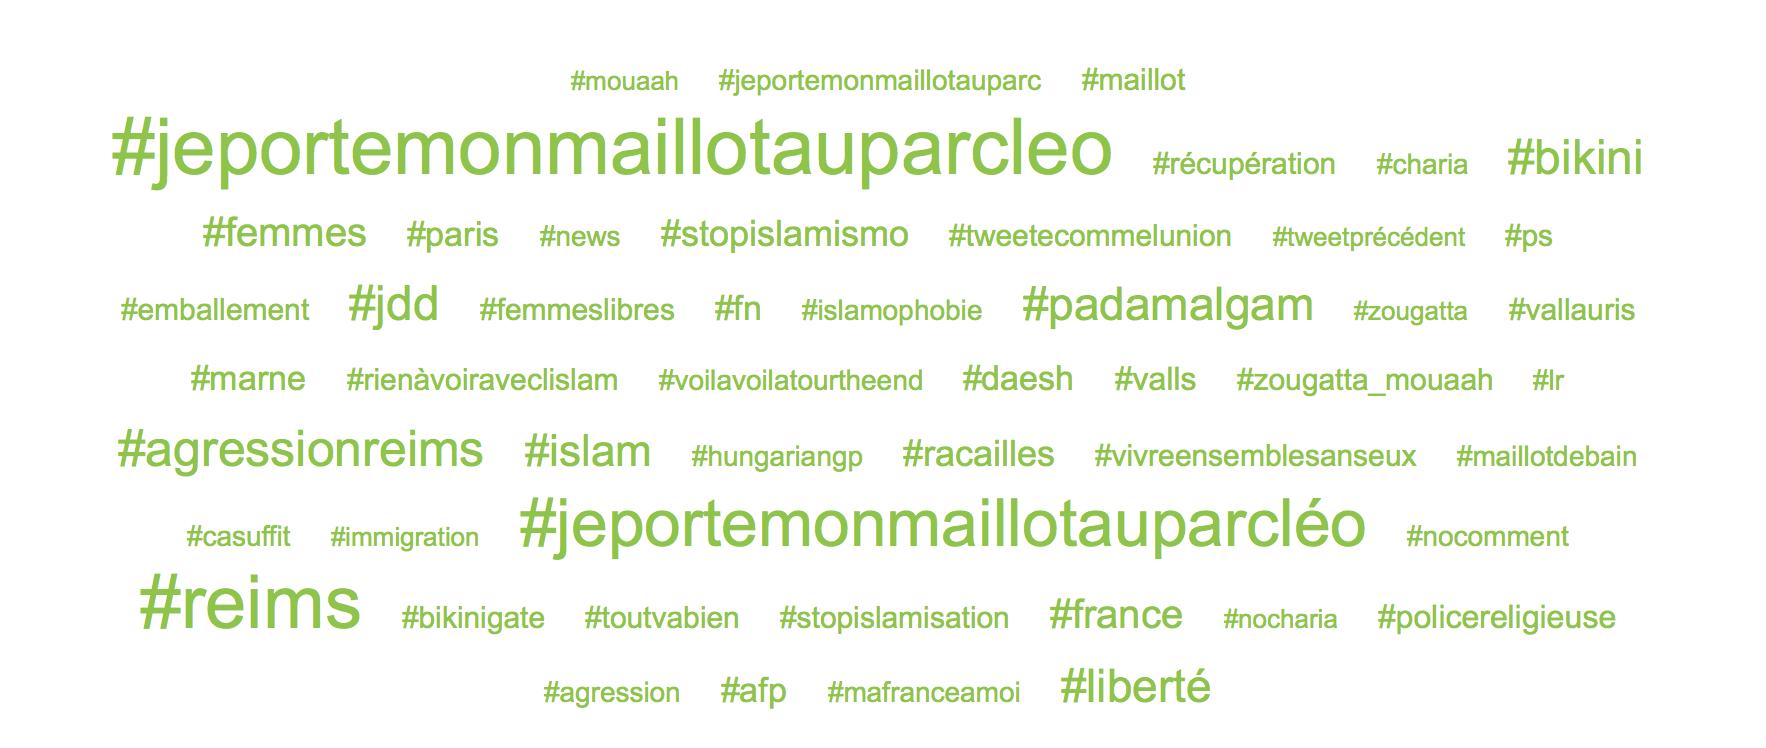 Analyse sémantique reims Maillot